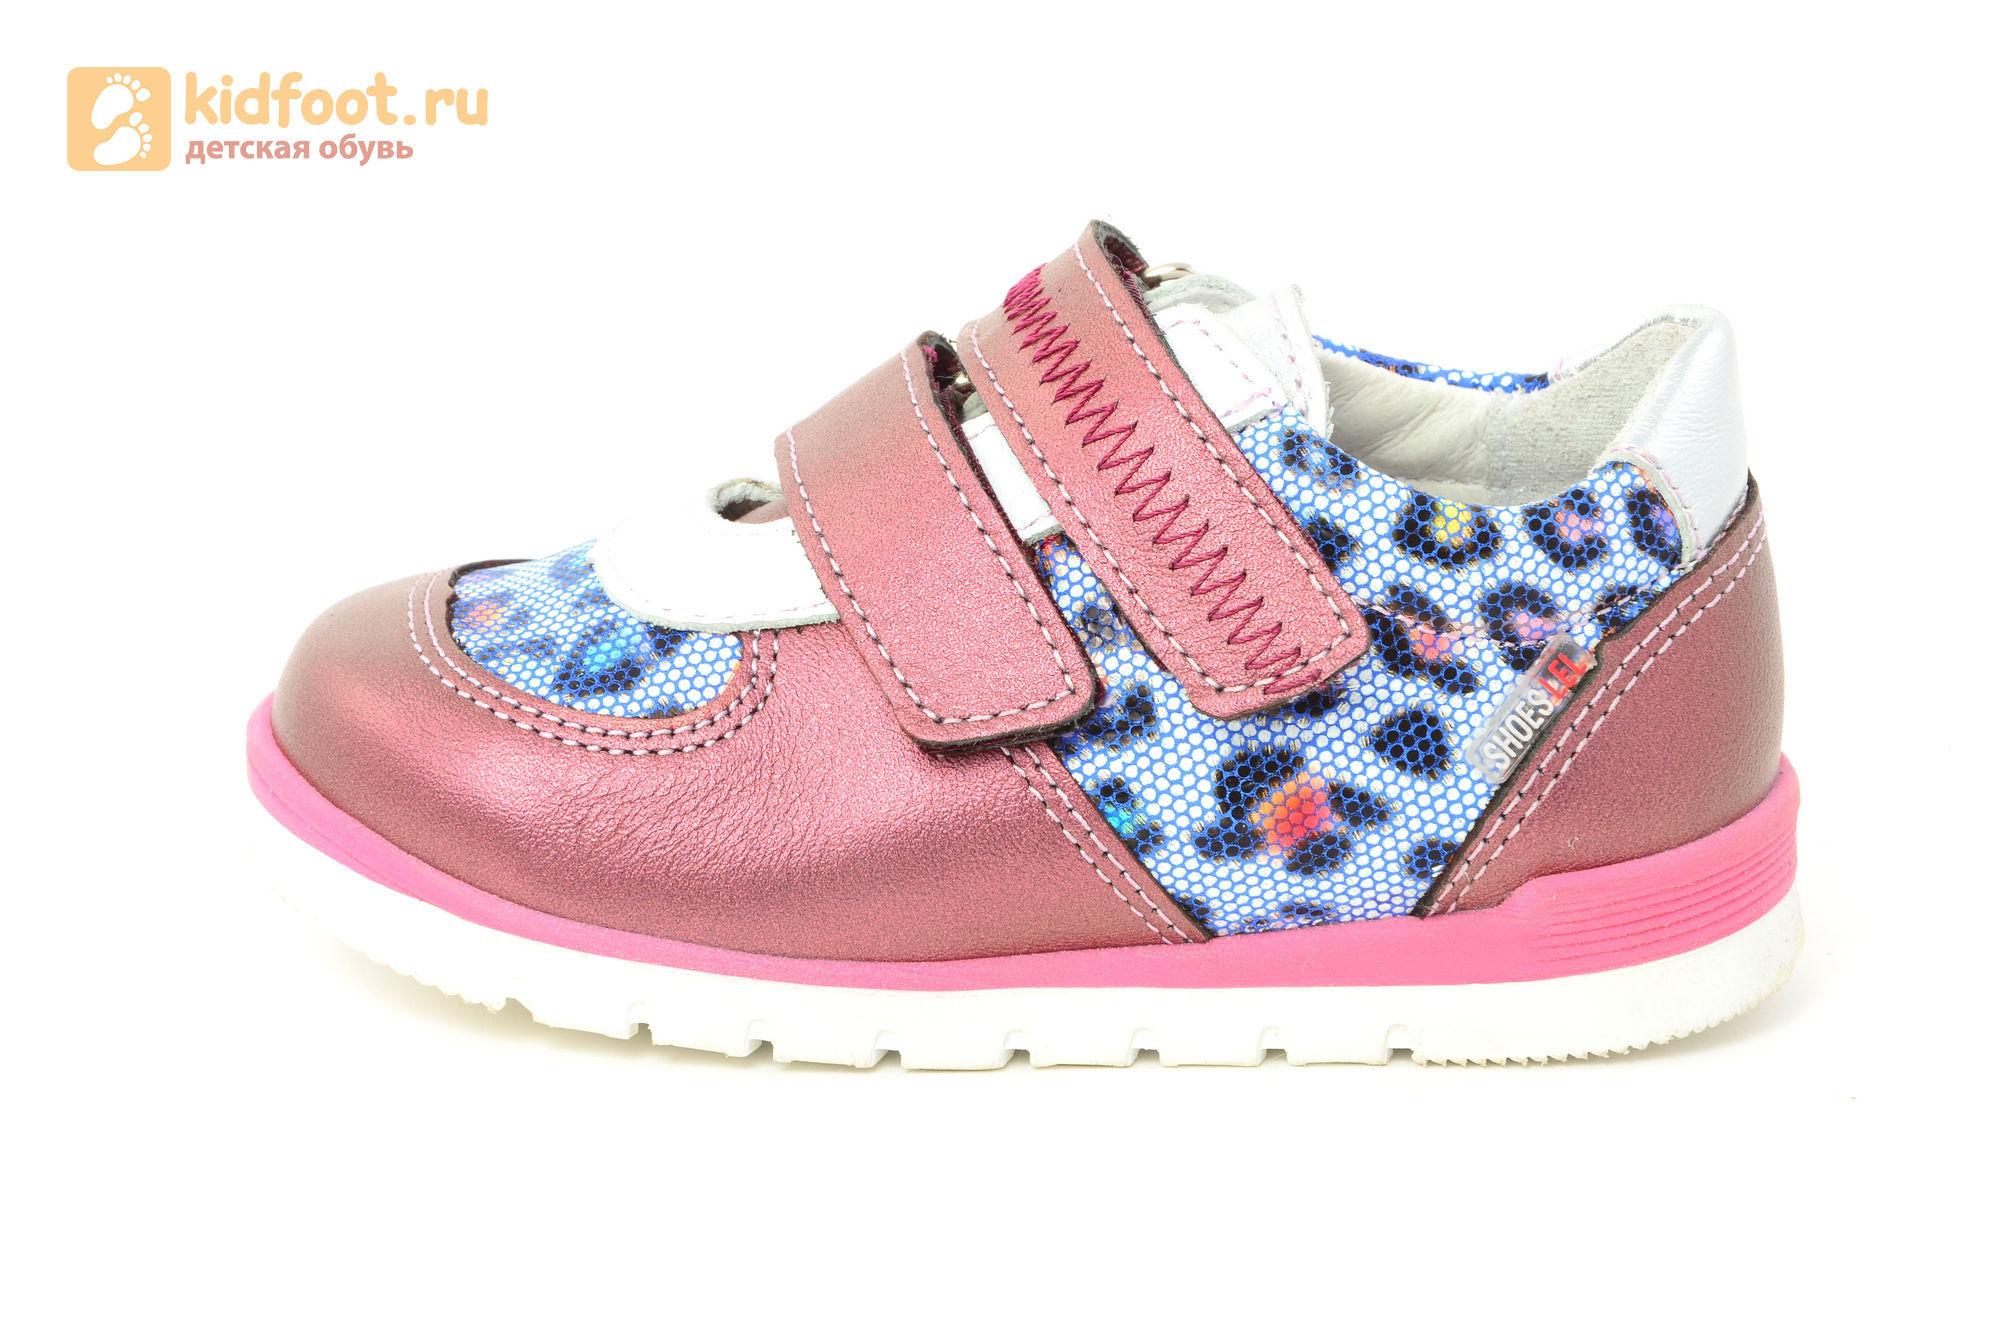 Детские ботинки Лель 3-1017 из натуральной кожи, для девочки, розовые